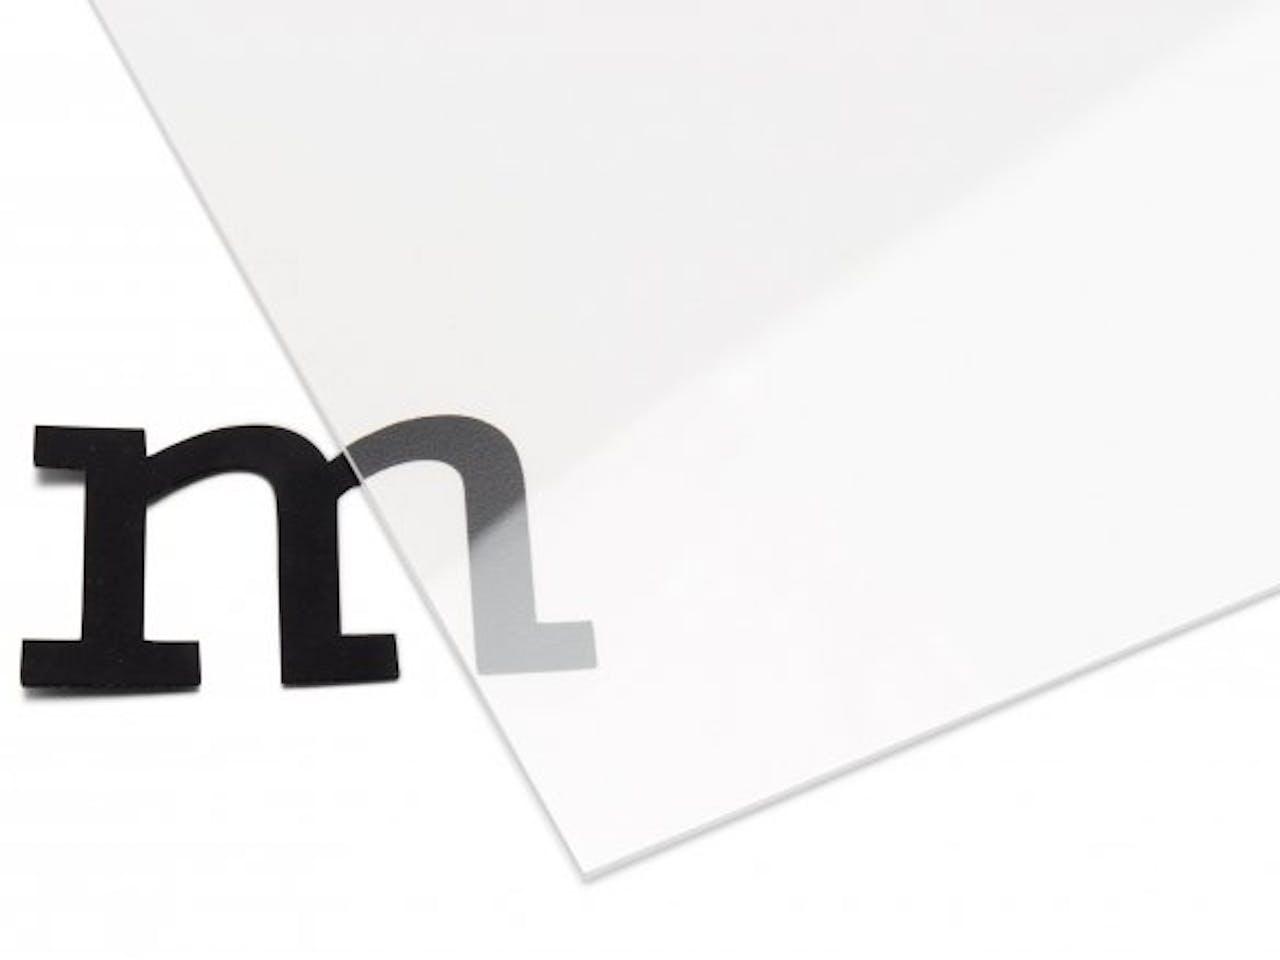 PLEXIGLAS® XT Platte transparent, antireflex, 1,50 x 250 x 500 mm